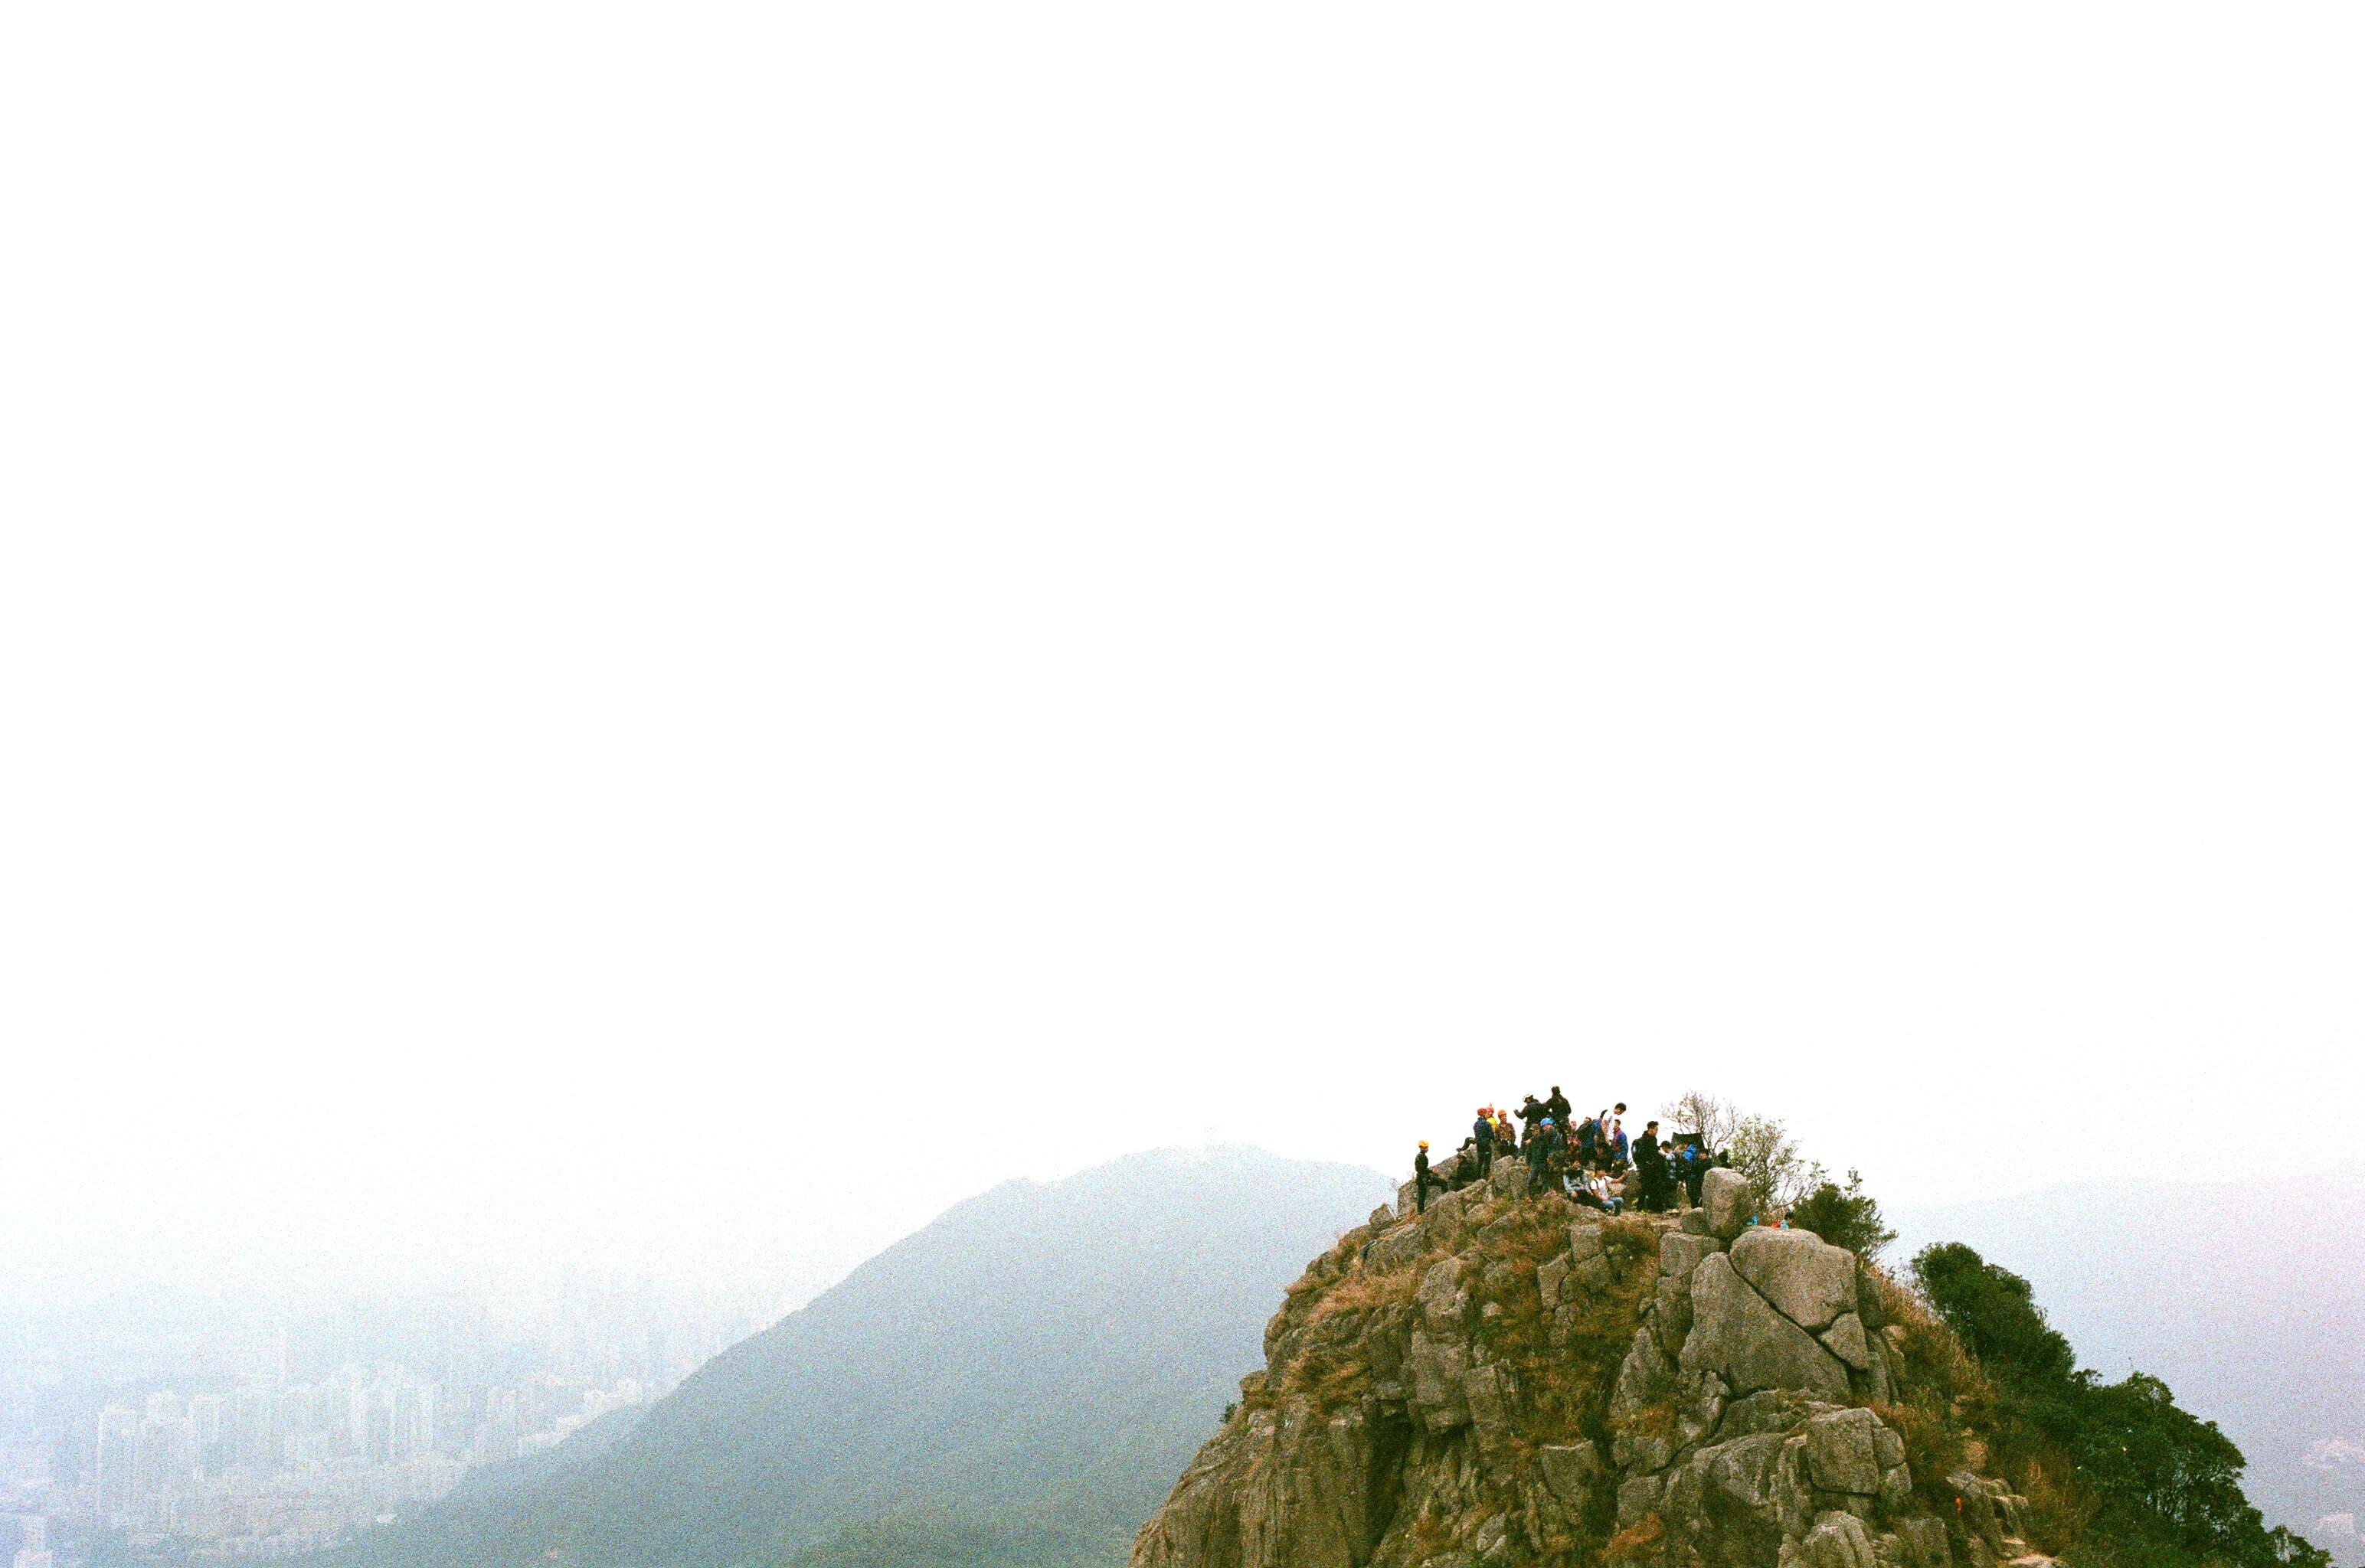 Foto profissional grátis de esporte, Hong Kong, natureza, parque